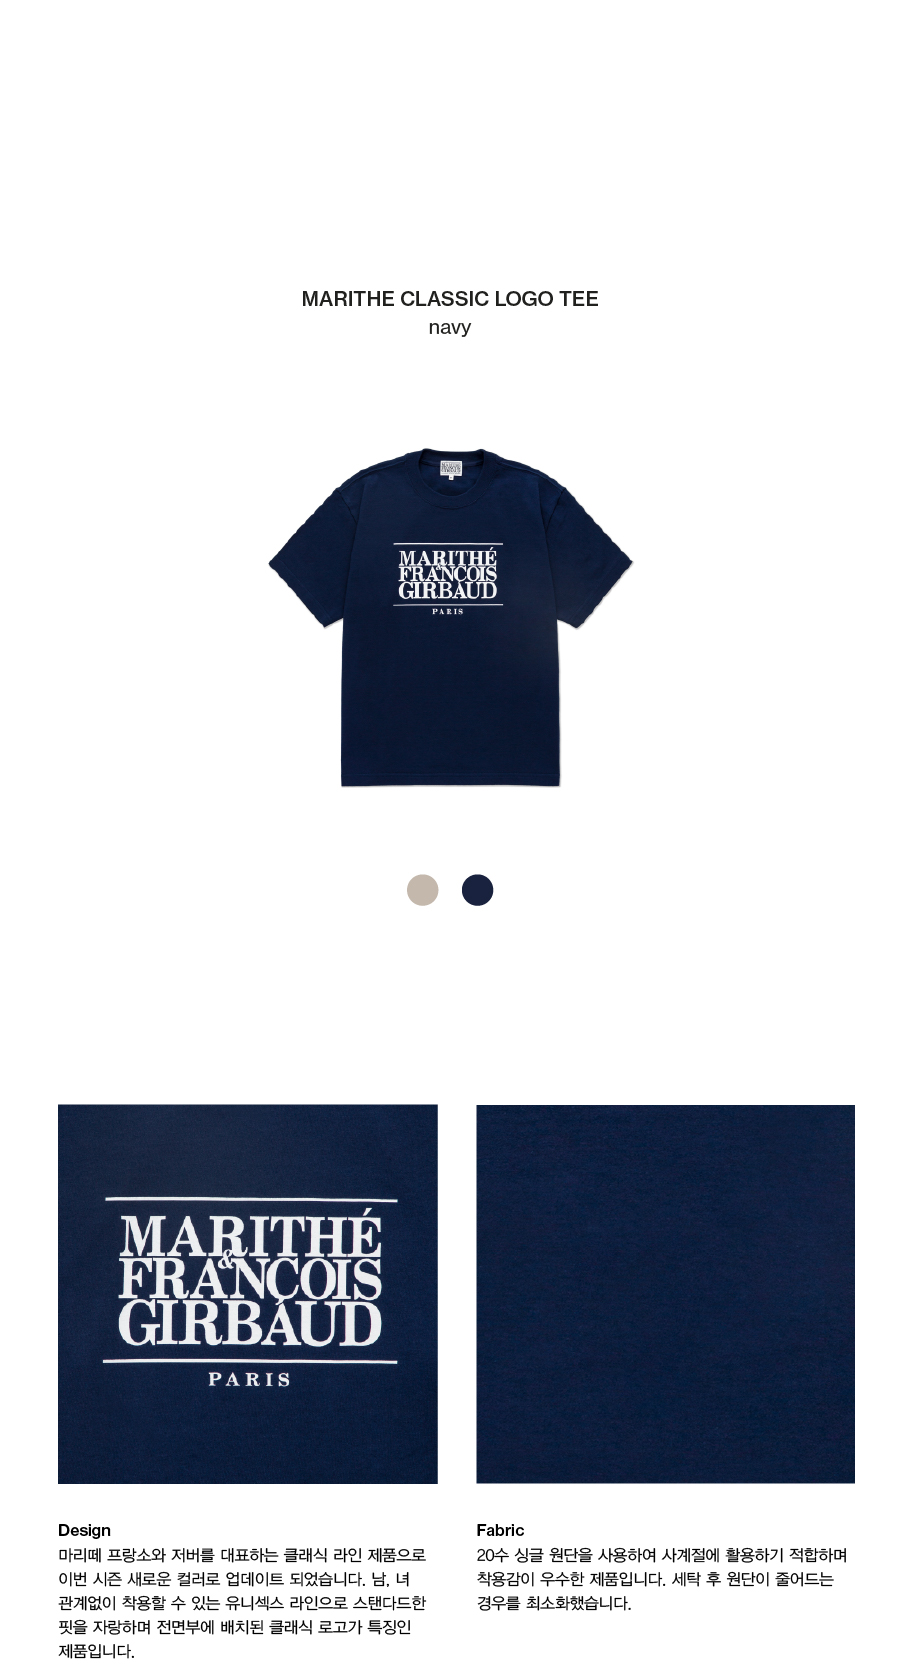 마리떼(MARITHE FRANCOIS GIRBAUD) MARITHE CLASSIC LOGO TEE navy